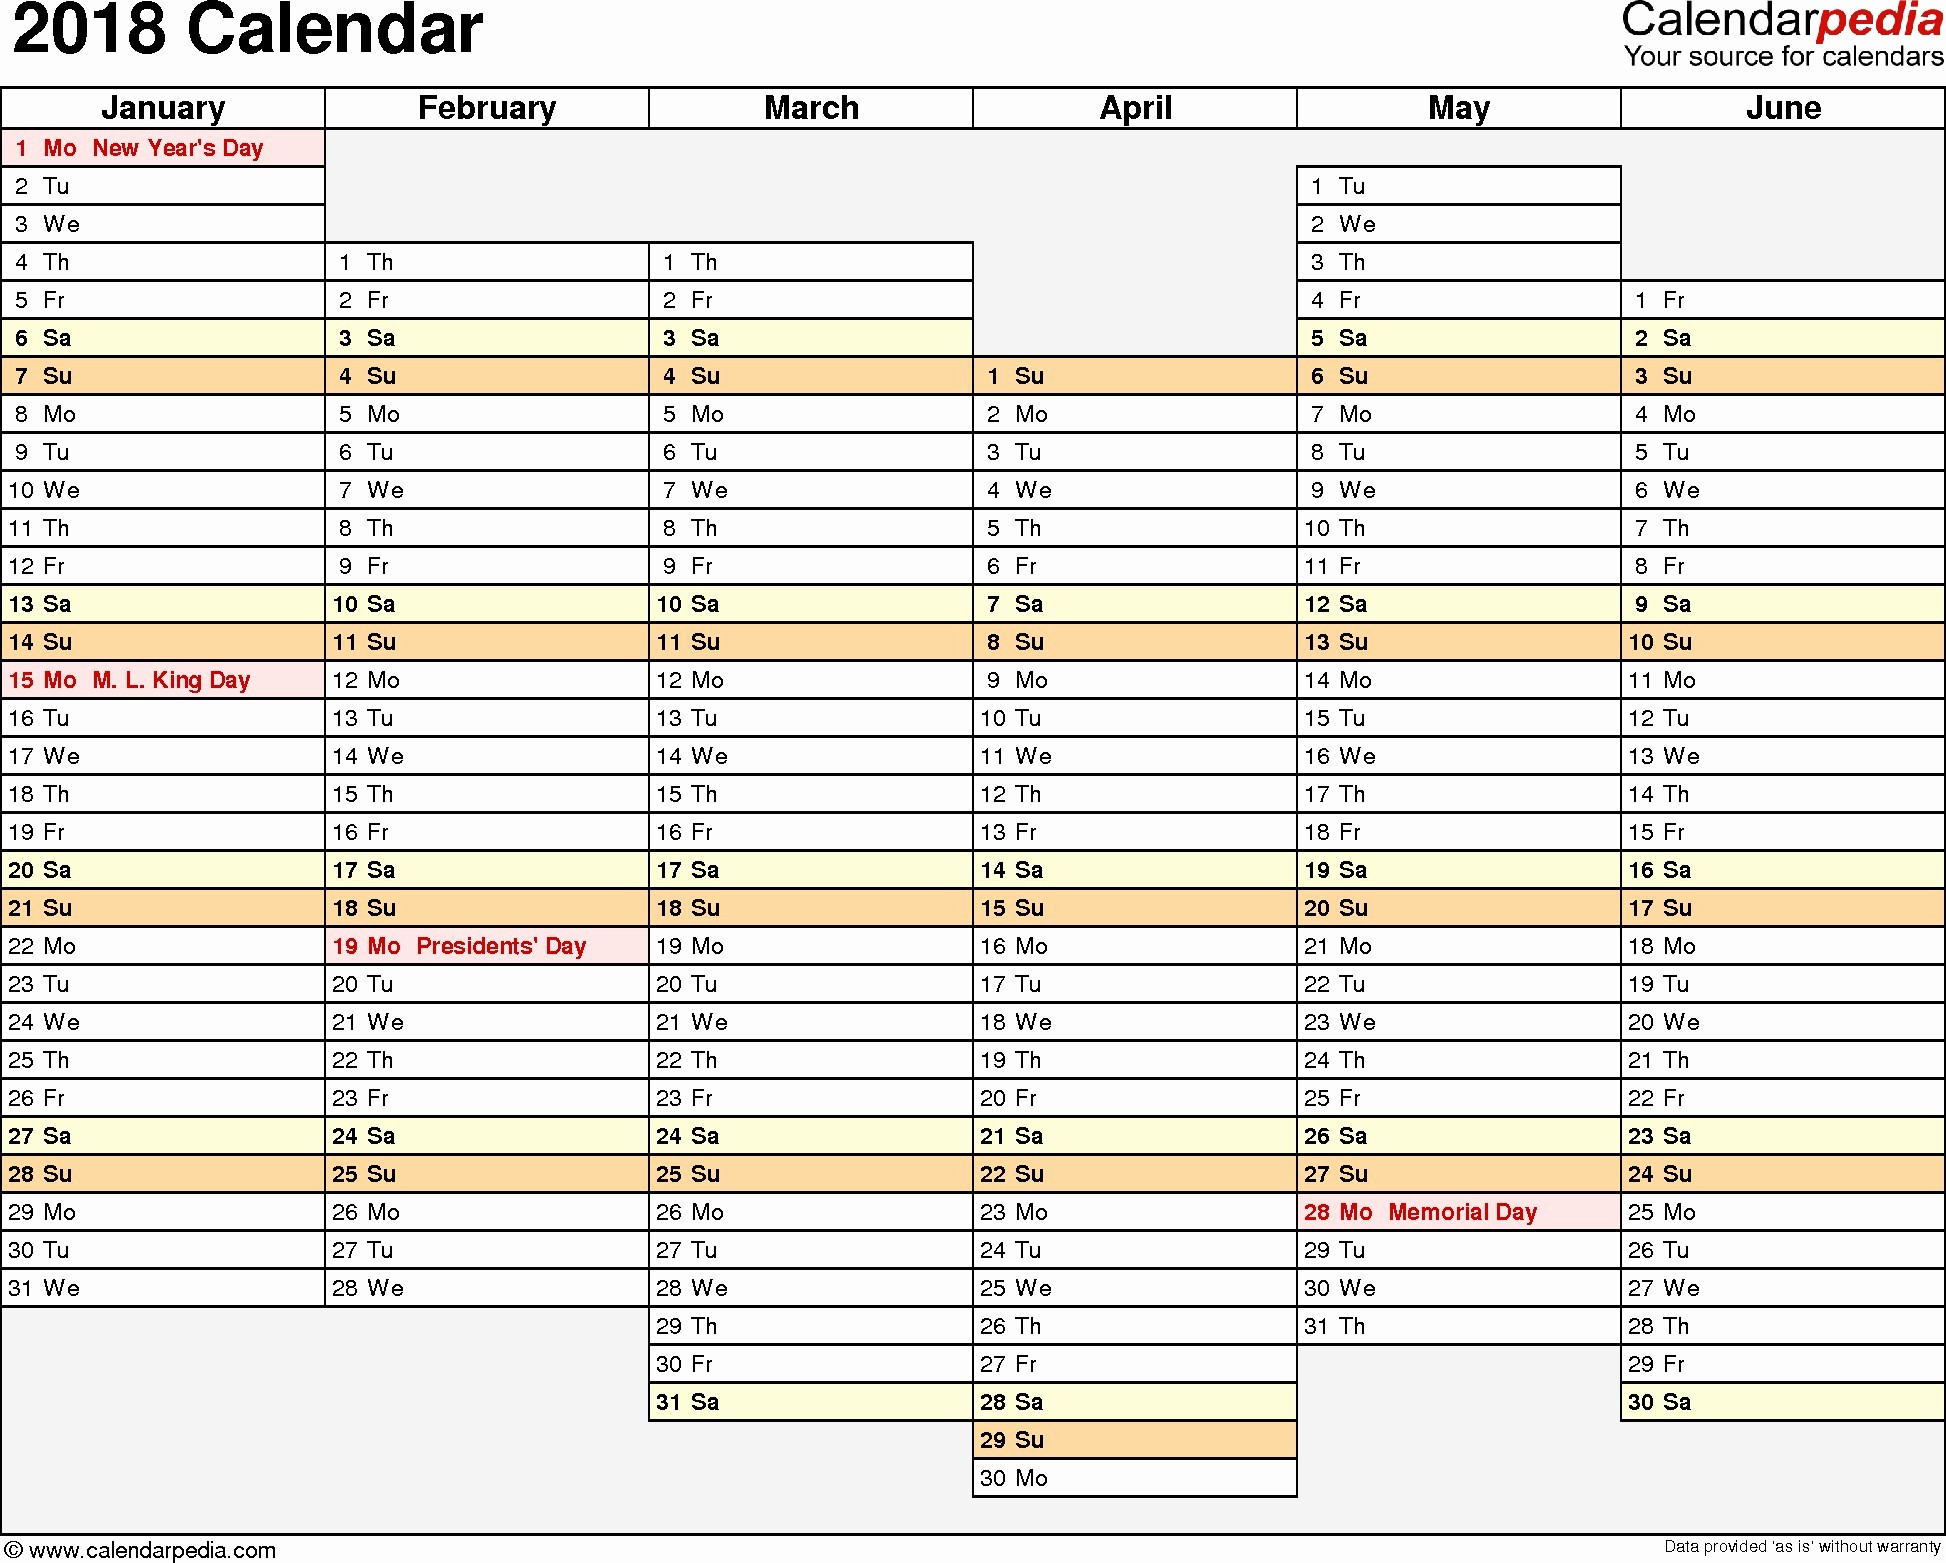 Free Printable Daily Calendar 2018 Inspirational Facts with Regard to Custom Daily Calendar 2018 Calendar